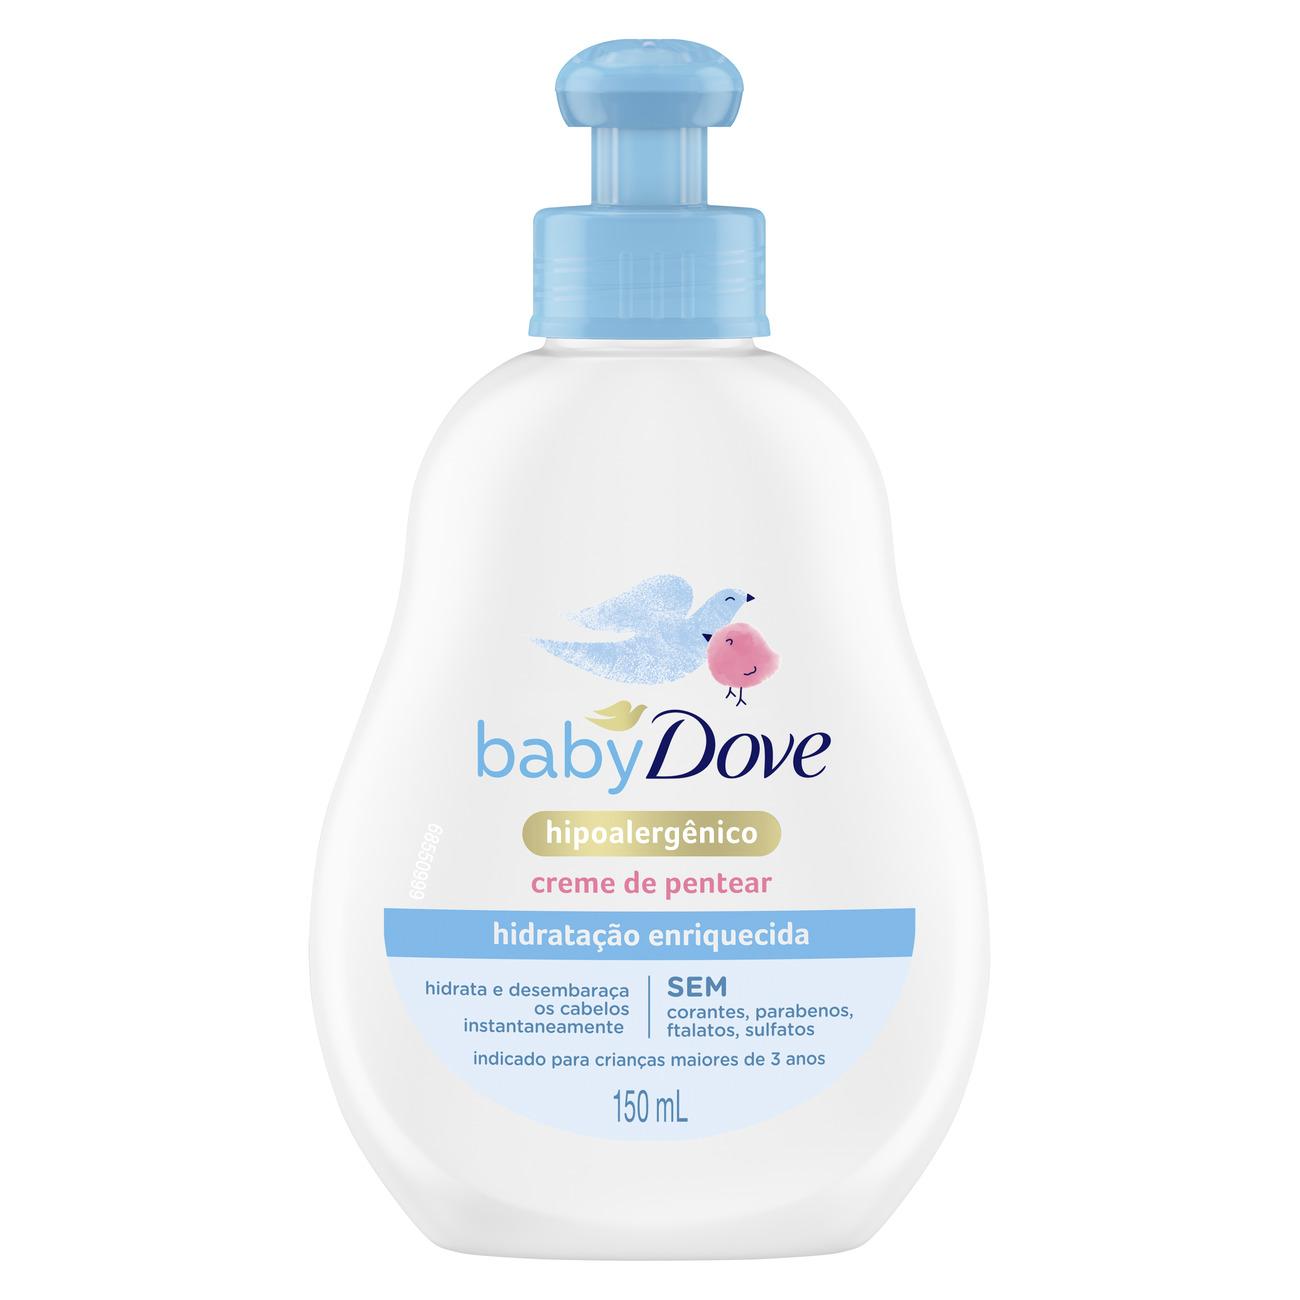 Creme para Pentear Baby Dove Hidratação Enriquecida 150mL